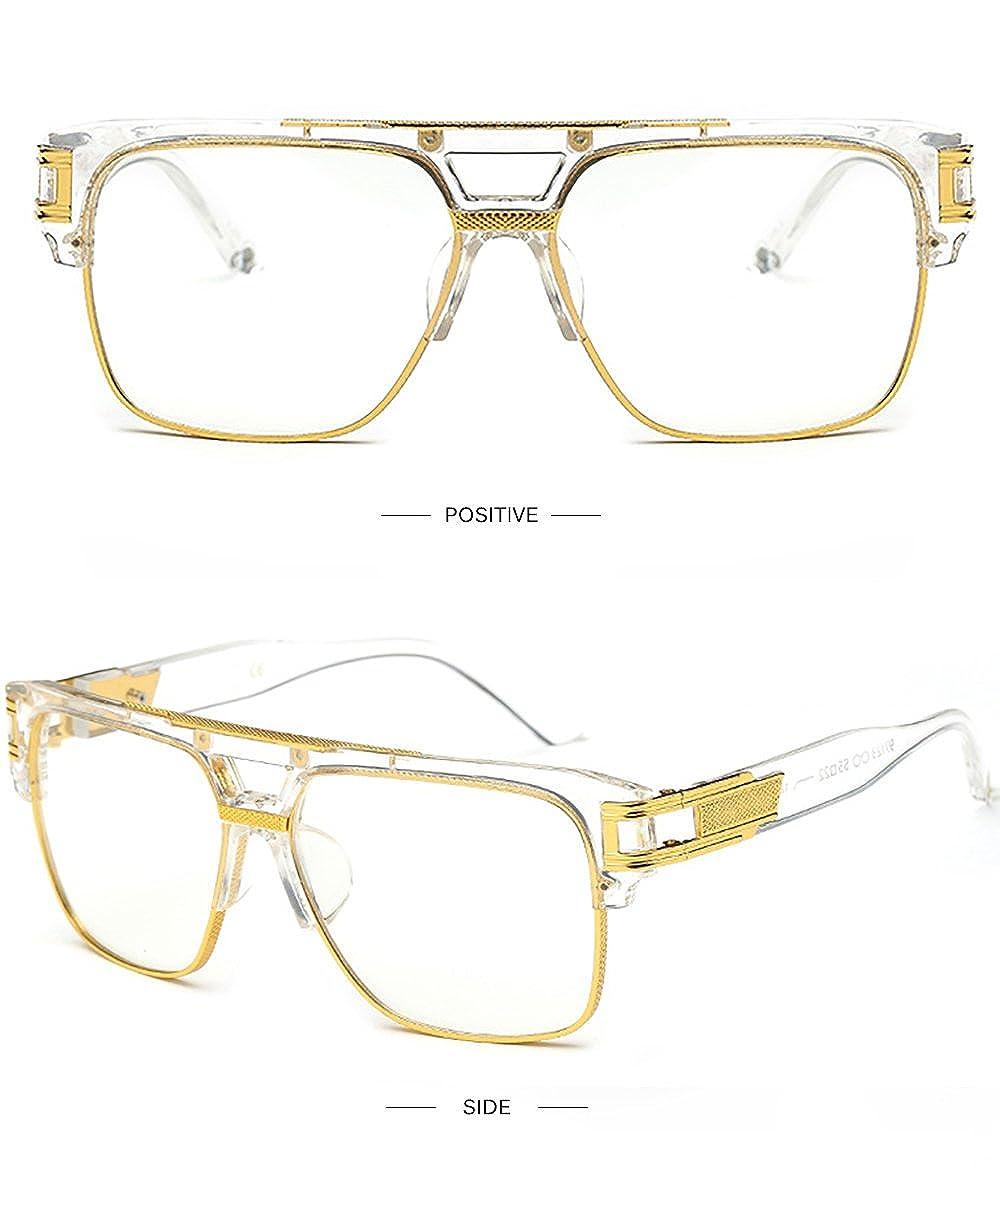 Plaza Gafas de Sol de Moda estilo Aviador Marca Retro  Vintage Baratas para  Mujer y Hombre Marco de metal Azul marrón transparente plata SHEEN KELLY  97123-3 ... 8e1479622d